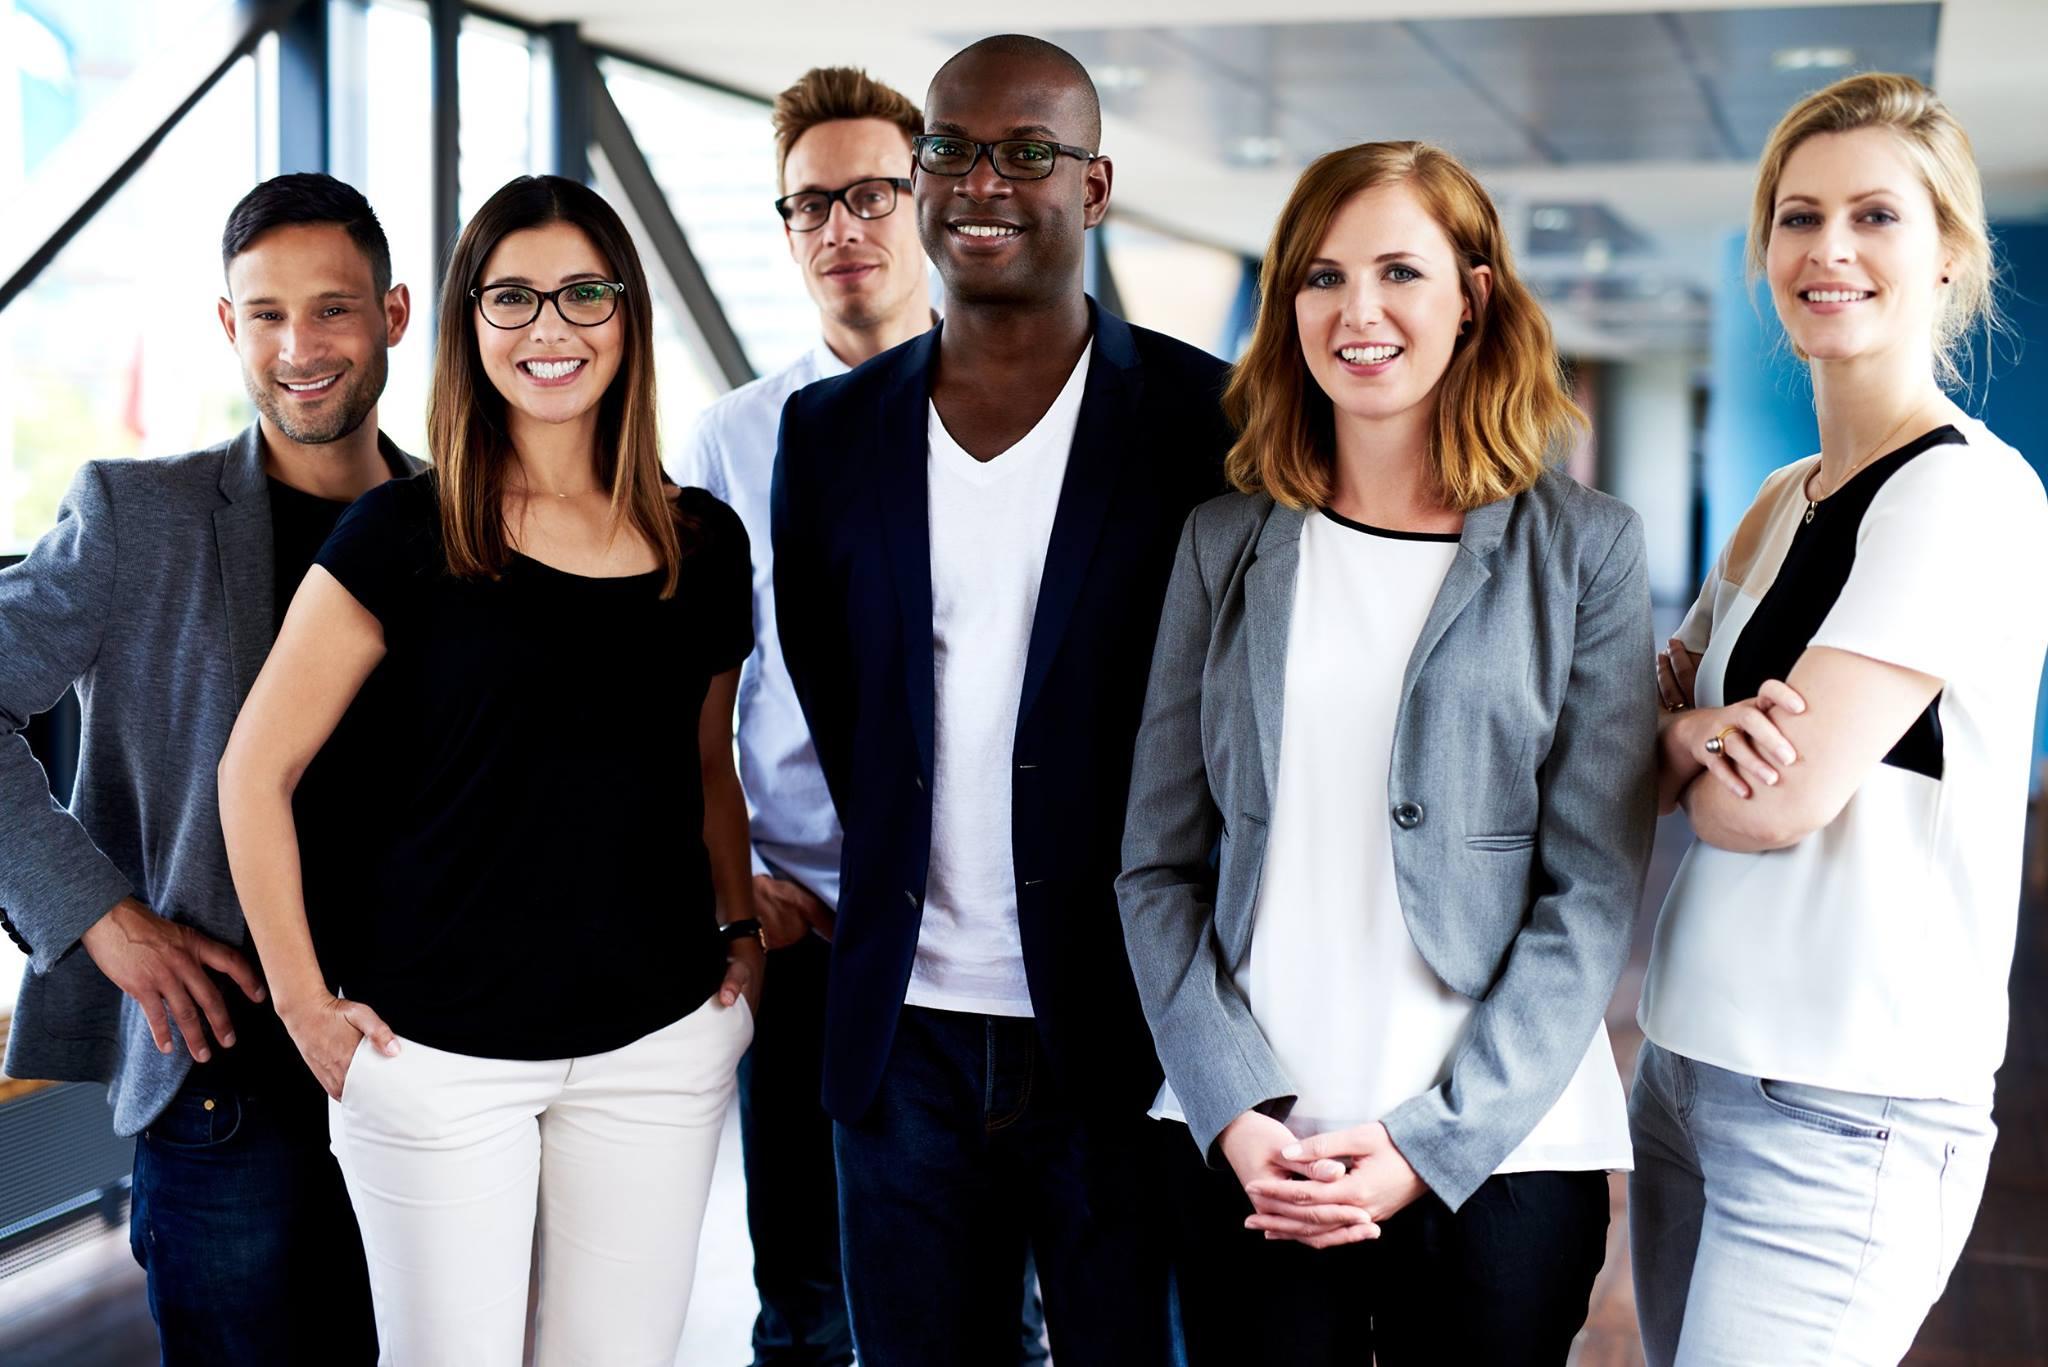 Interns and junior consultants